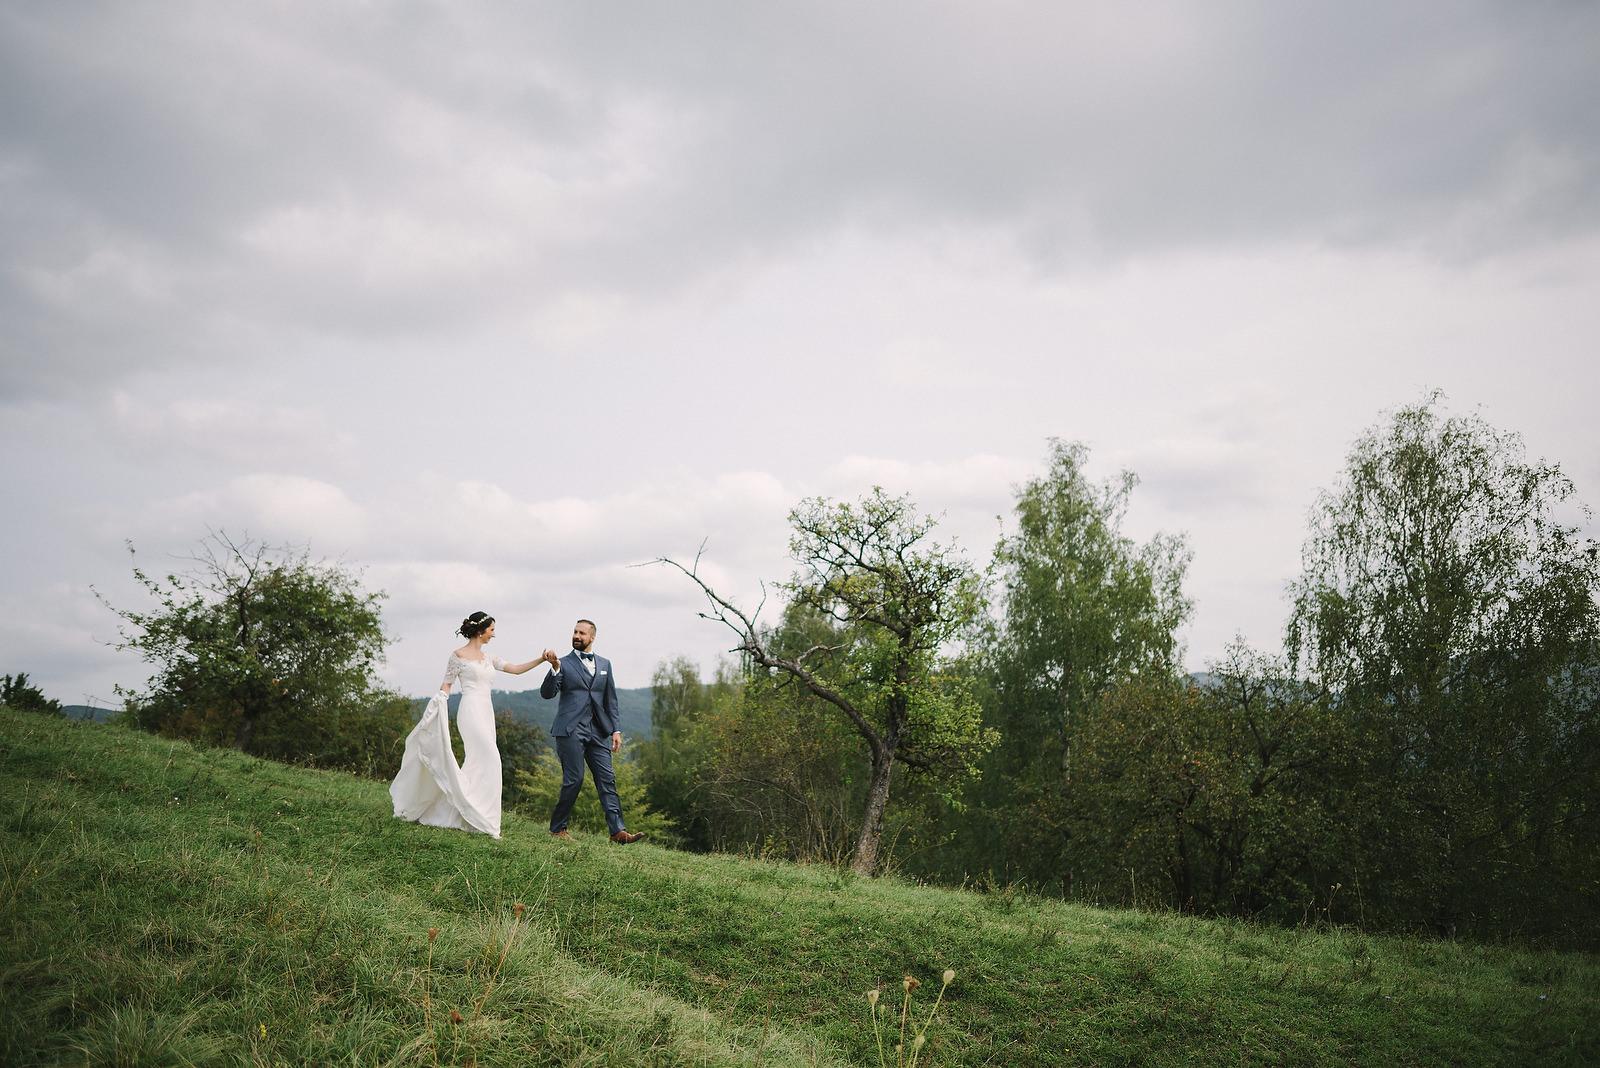 Fotograf Konstanz - Hochzeitsfotograf Reutlingen Achalm Hochzeit EFP 30 - Documentary wedding story on the Achalm, Reutlingen  - 23 -